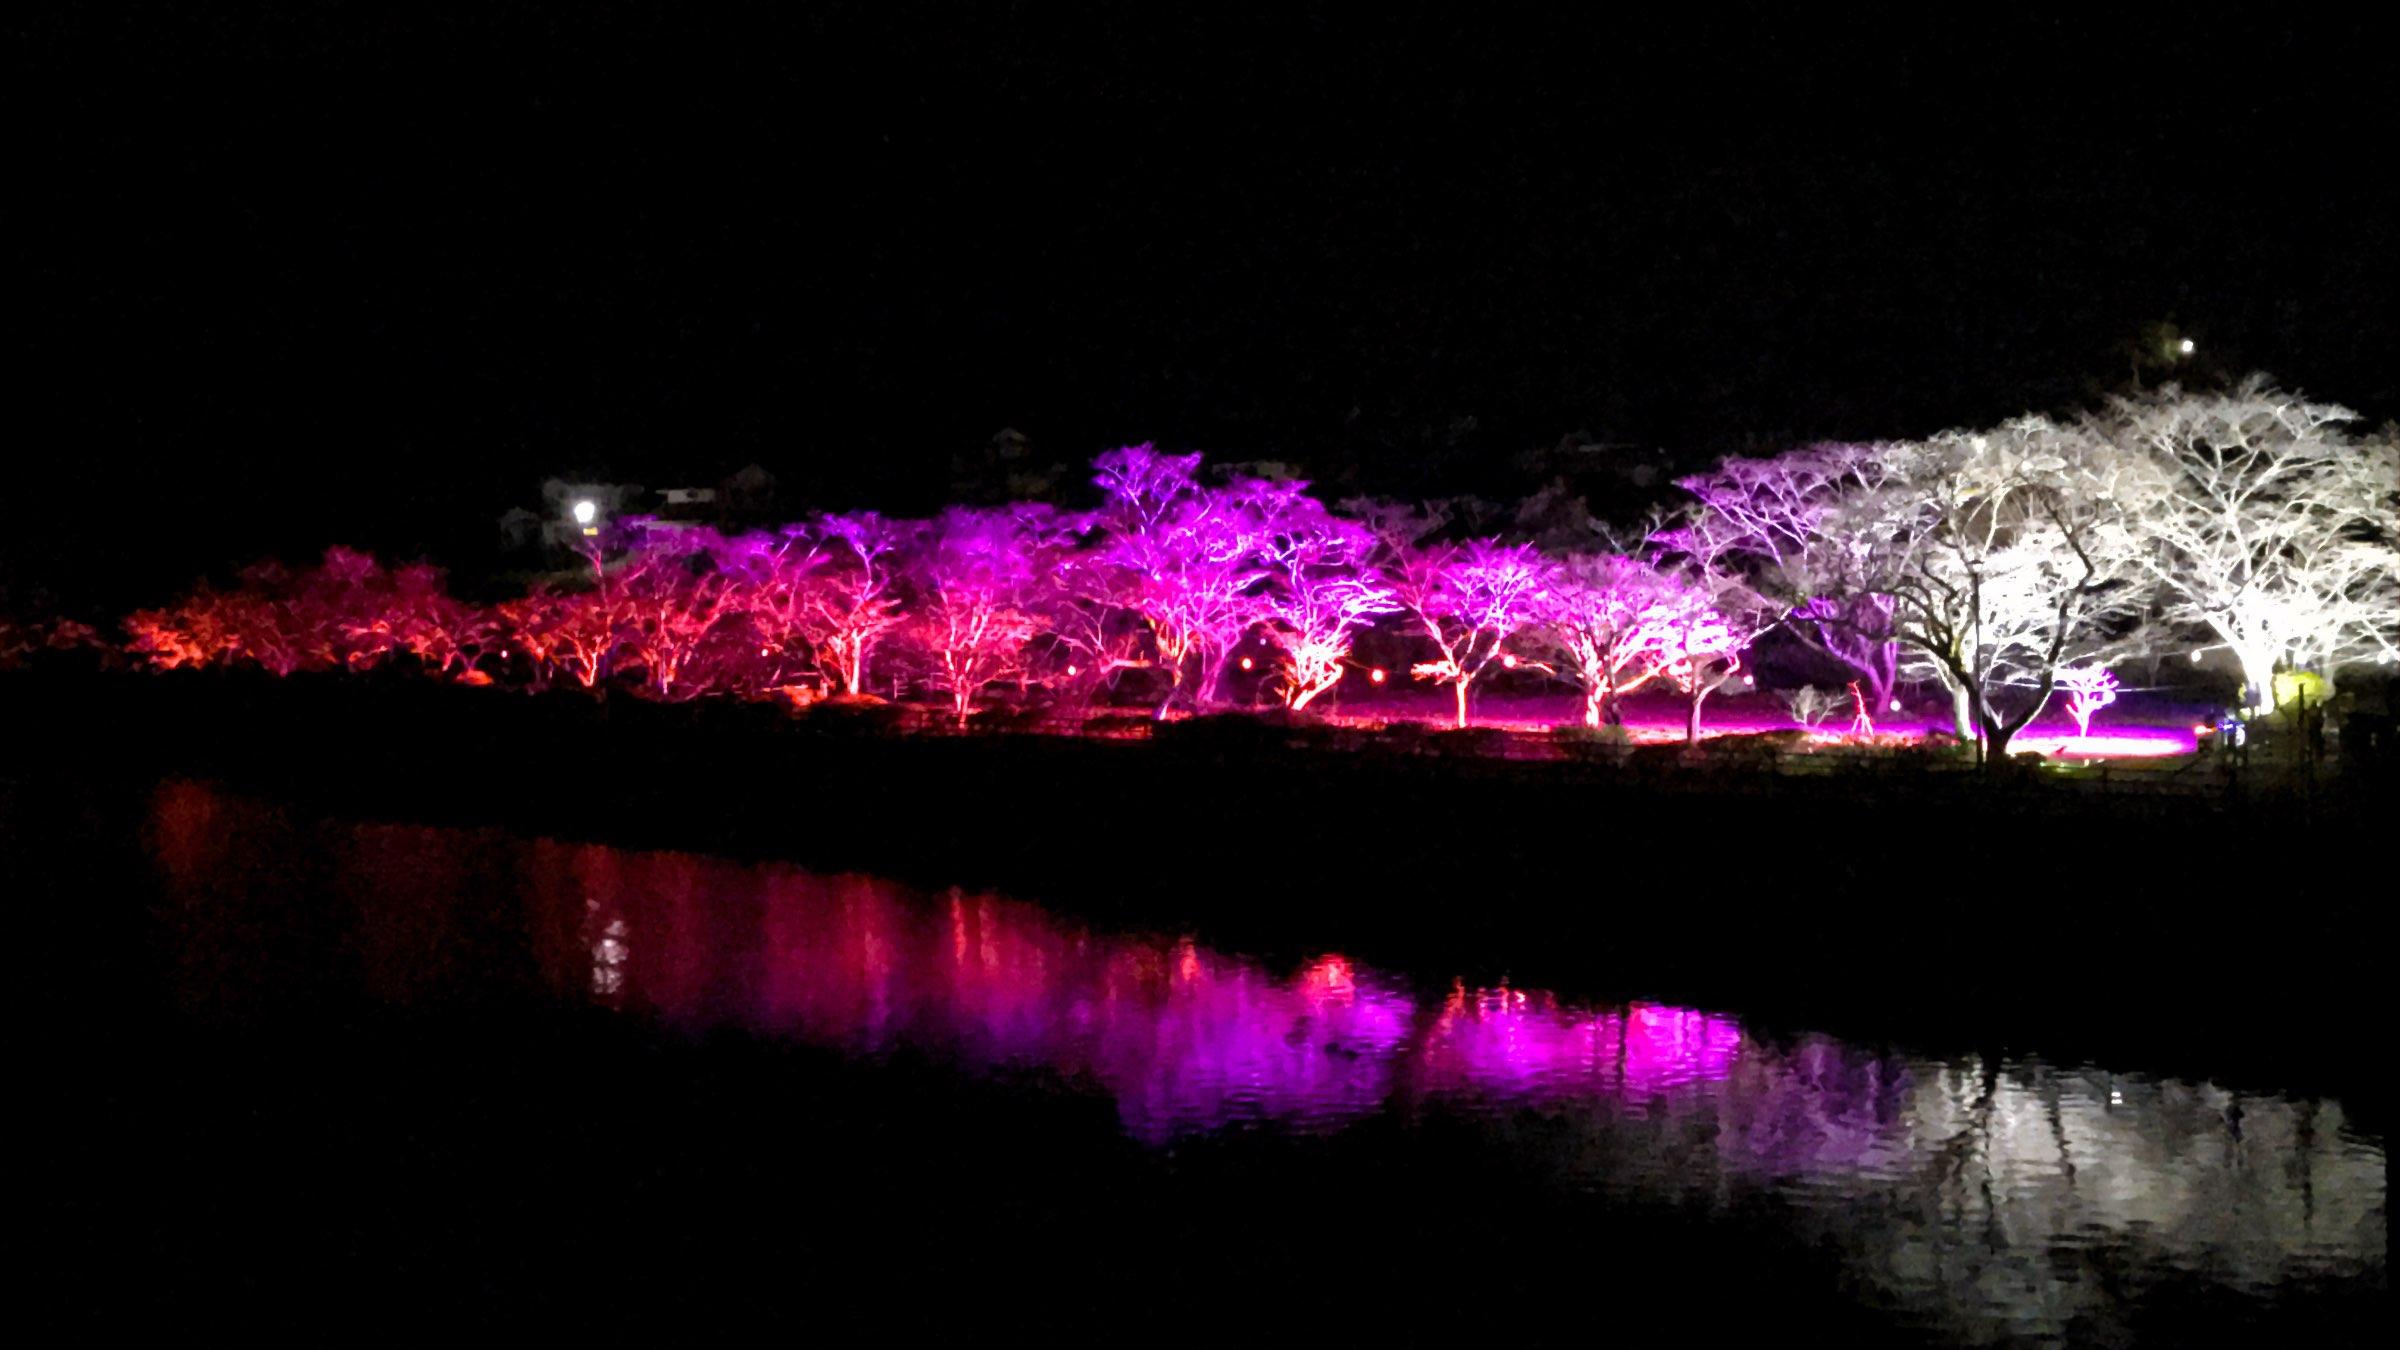 川沿いに咲き乱れる桜の名所。幻想的な夜桜も必見[家地川公園]